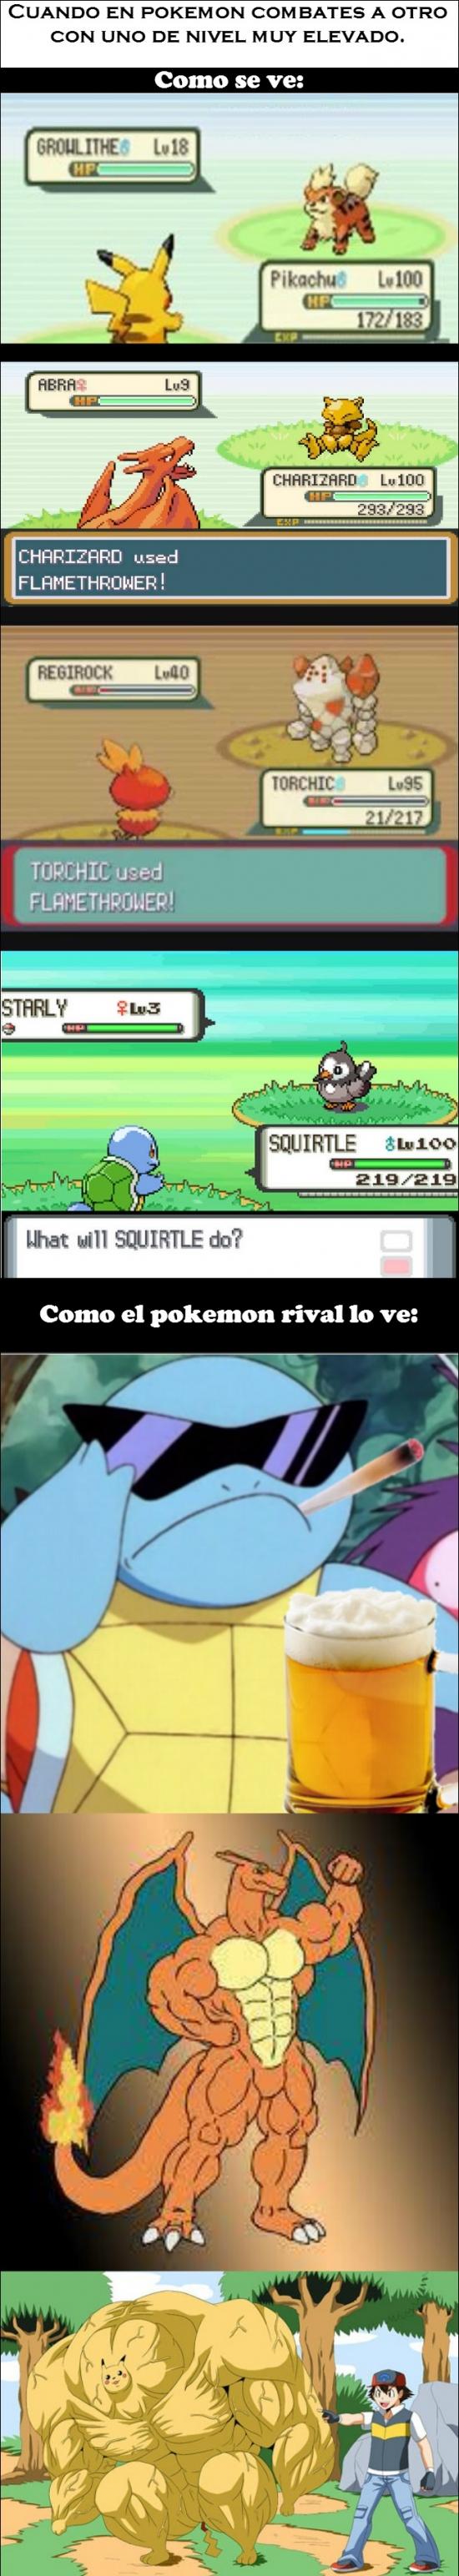 Otros - Cuando usas un Pokémon con nivel elevado contra uno de bajo nivel